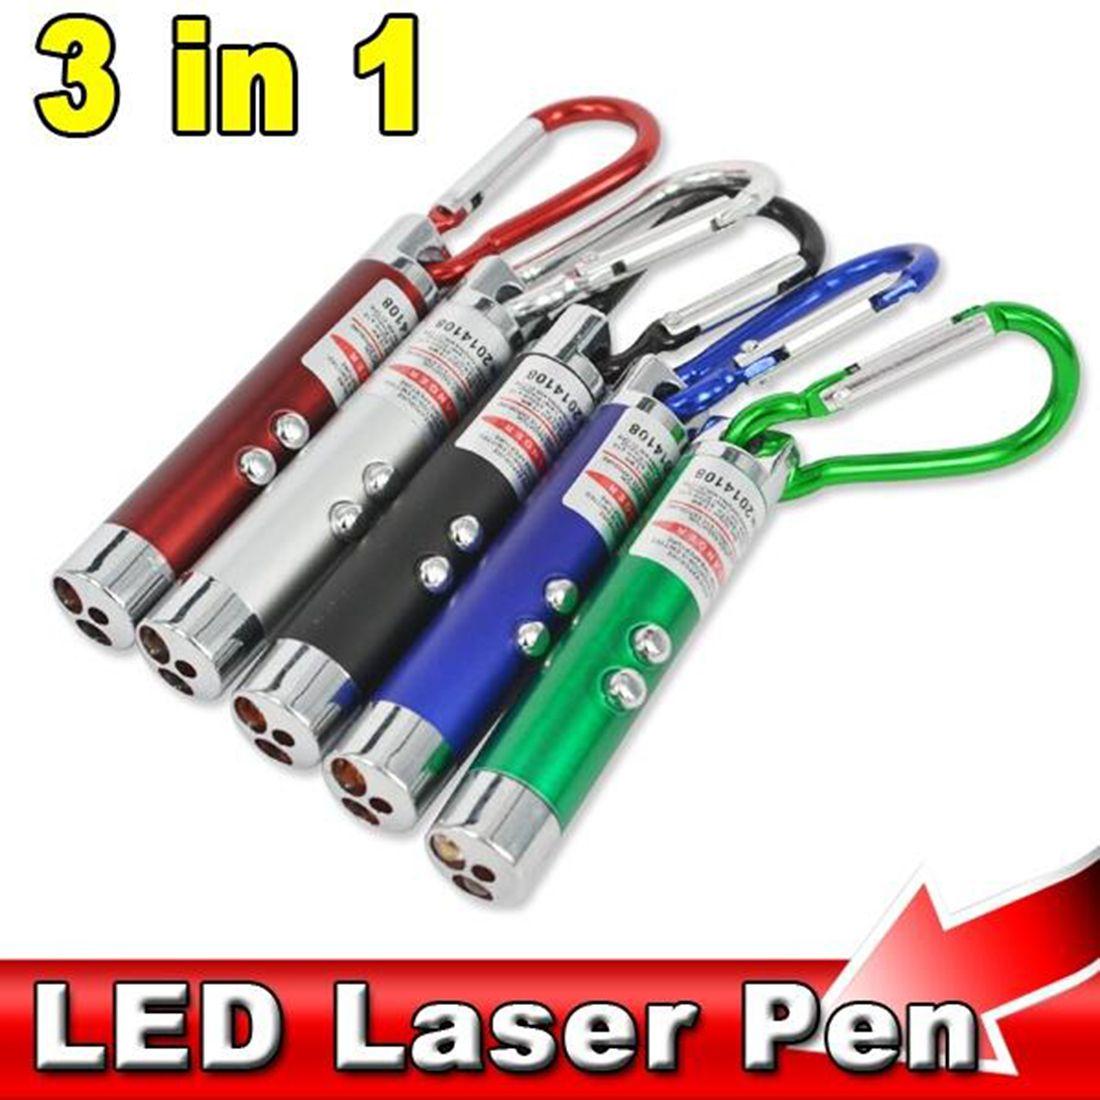 3 1 레드 레이저 포인터 펜 손전등 위조 지폐 감지기 등반 후크